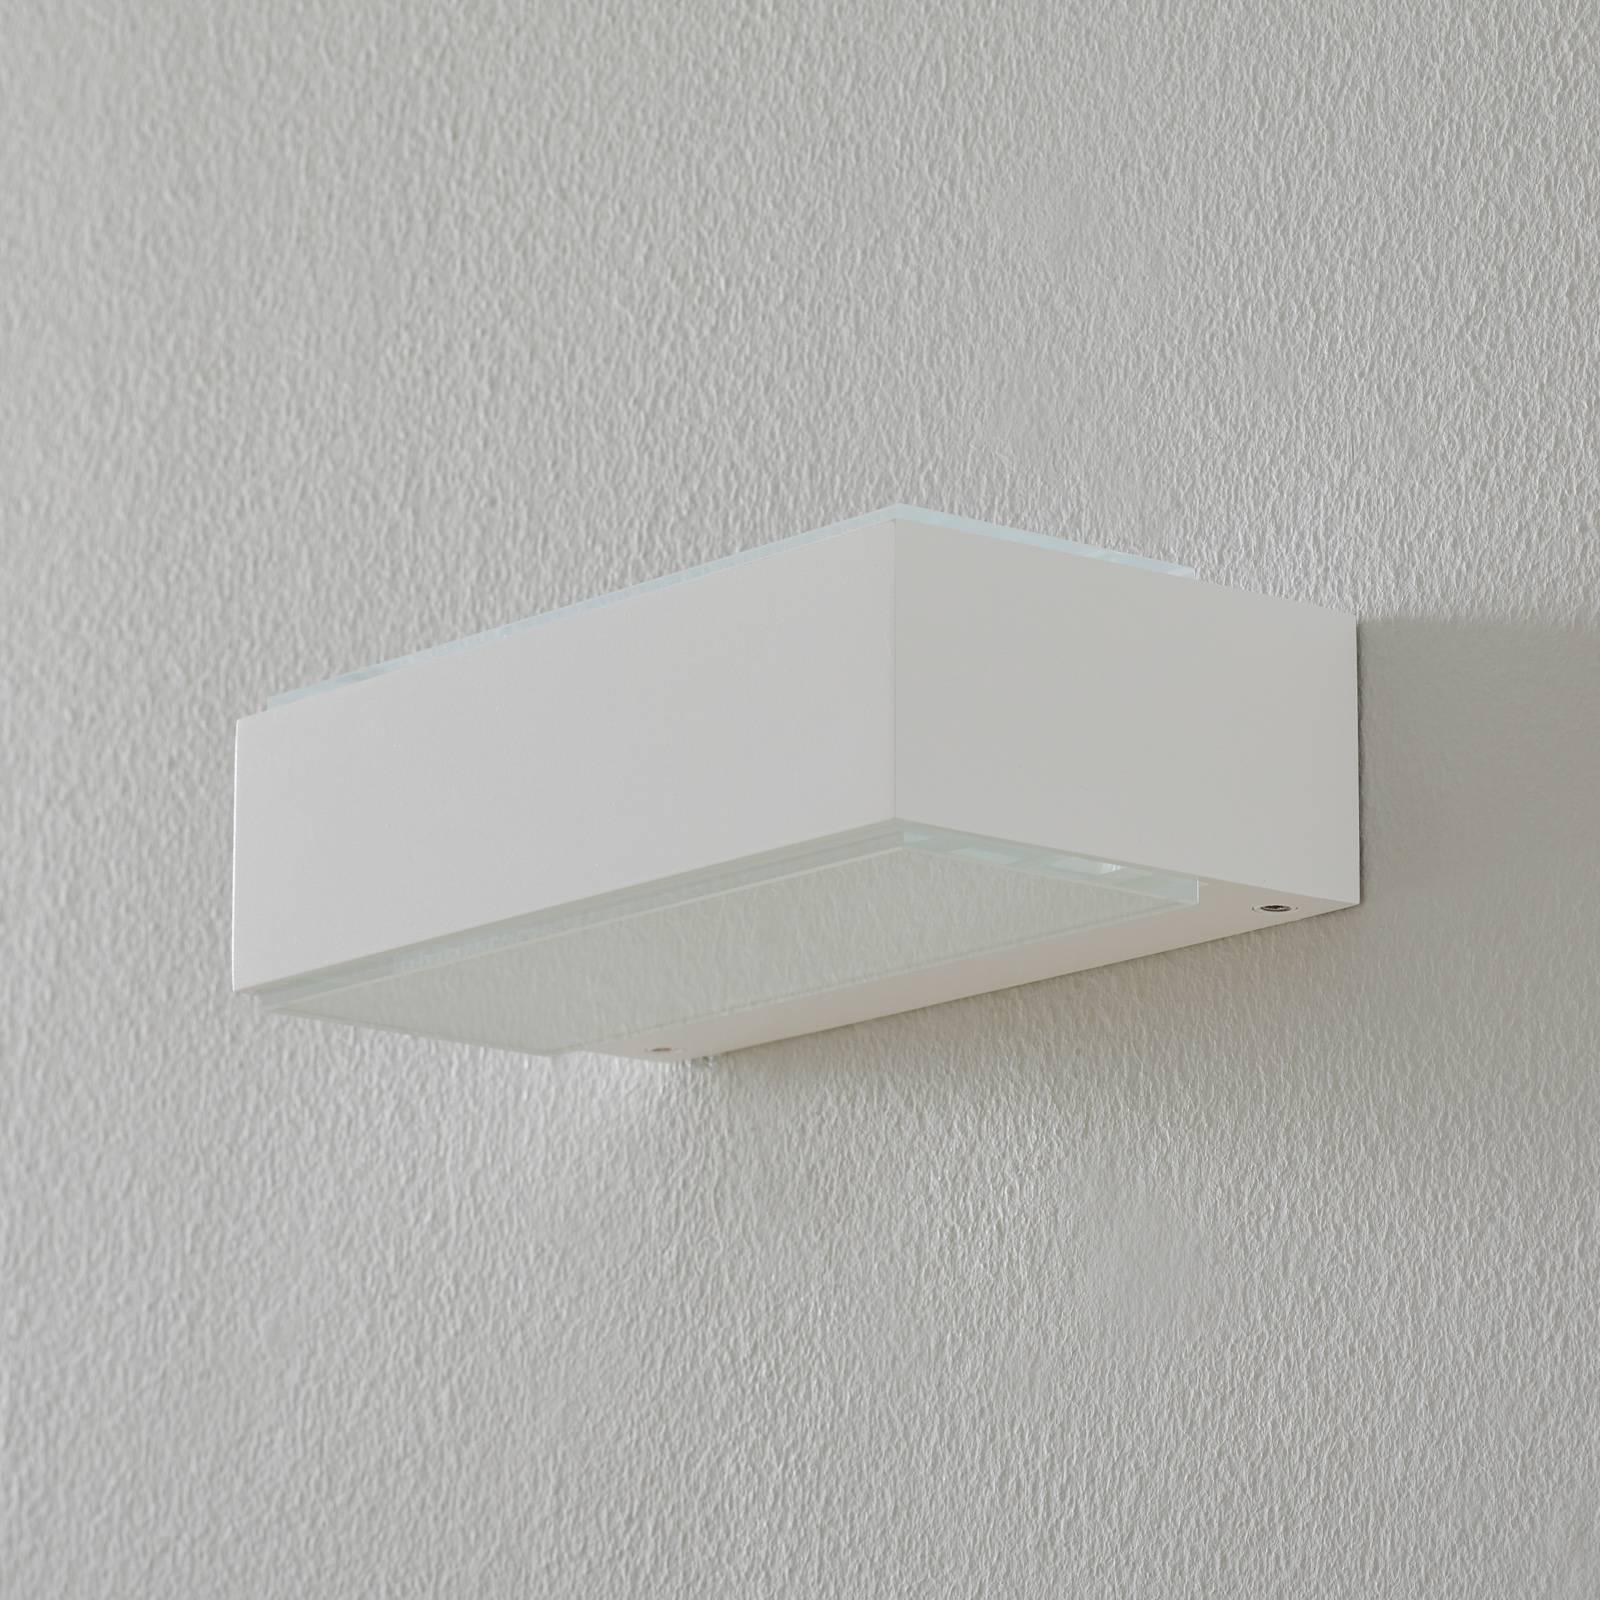 BEGA 12277 LED-seinävalaisin 3000K 20 cm valkoinen